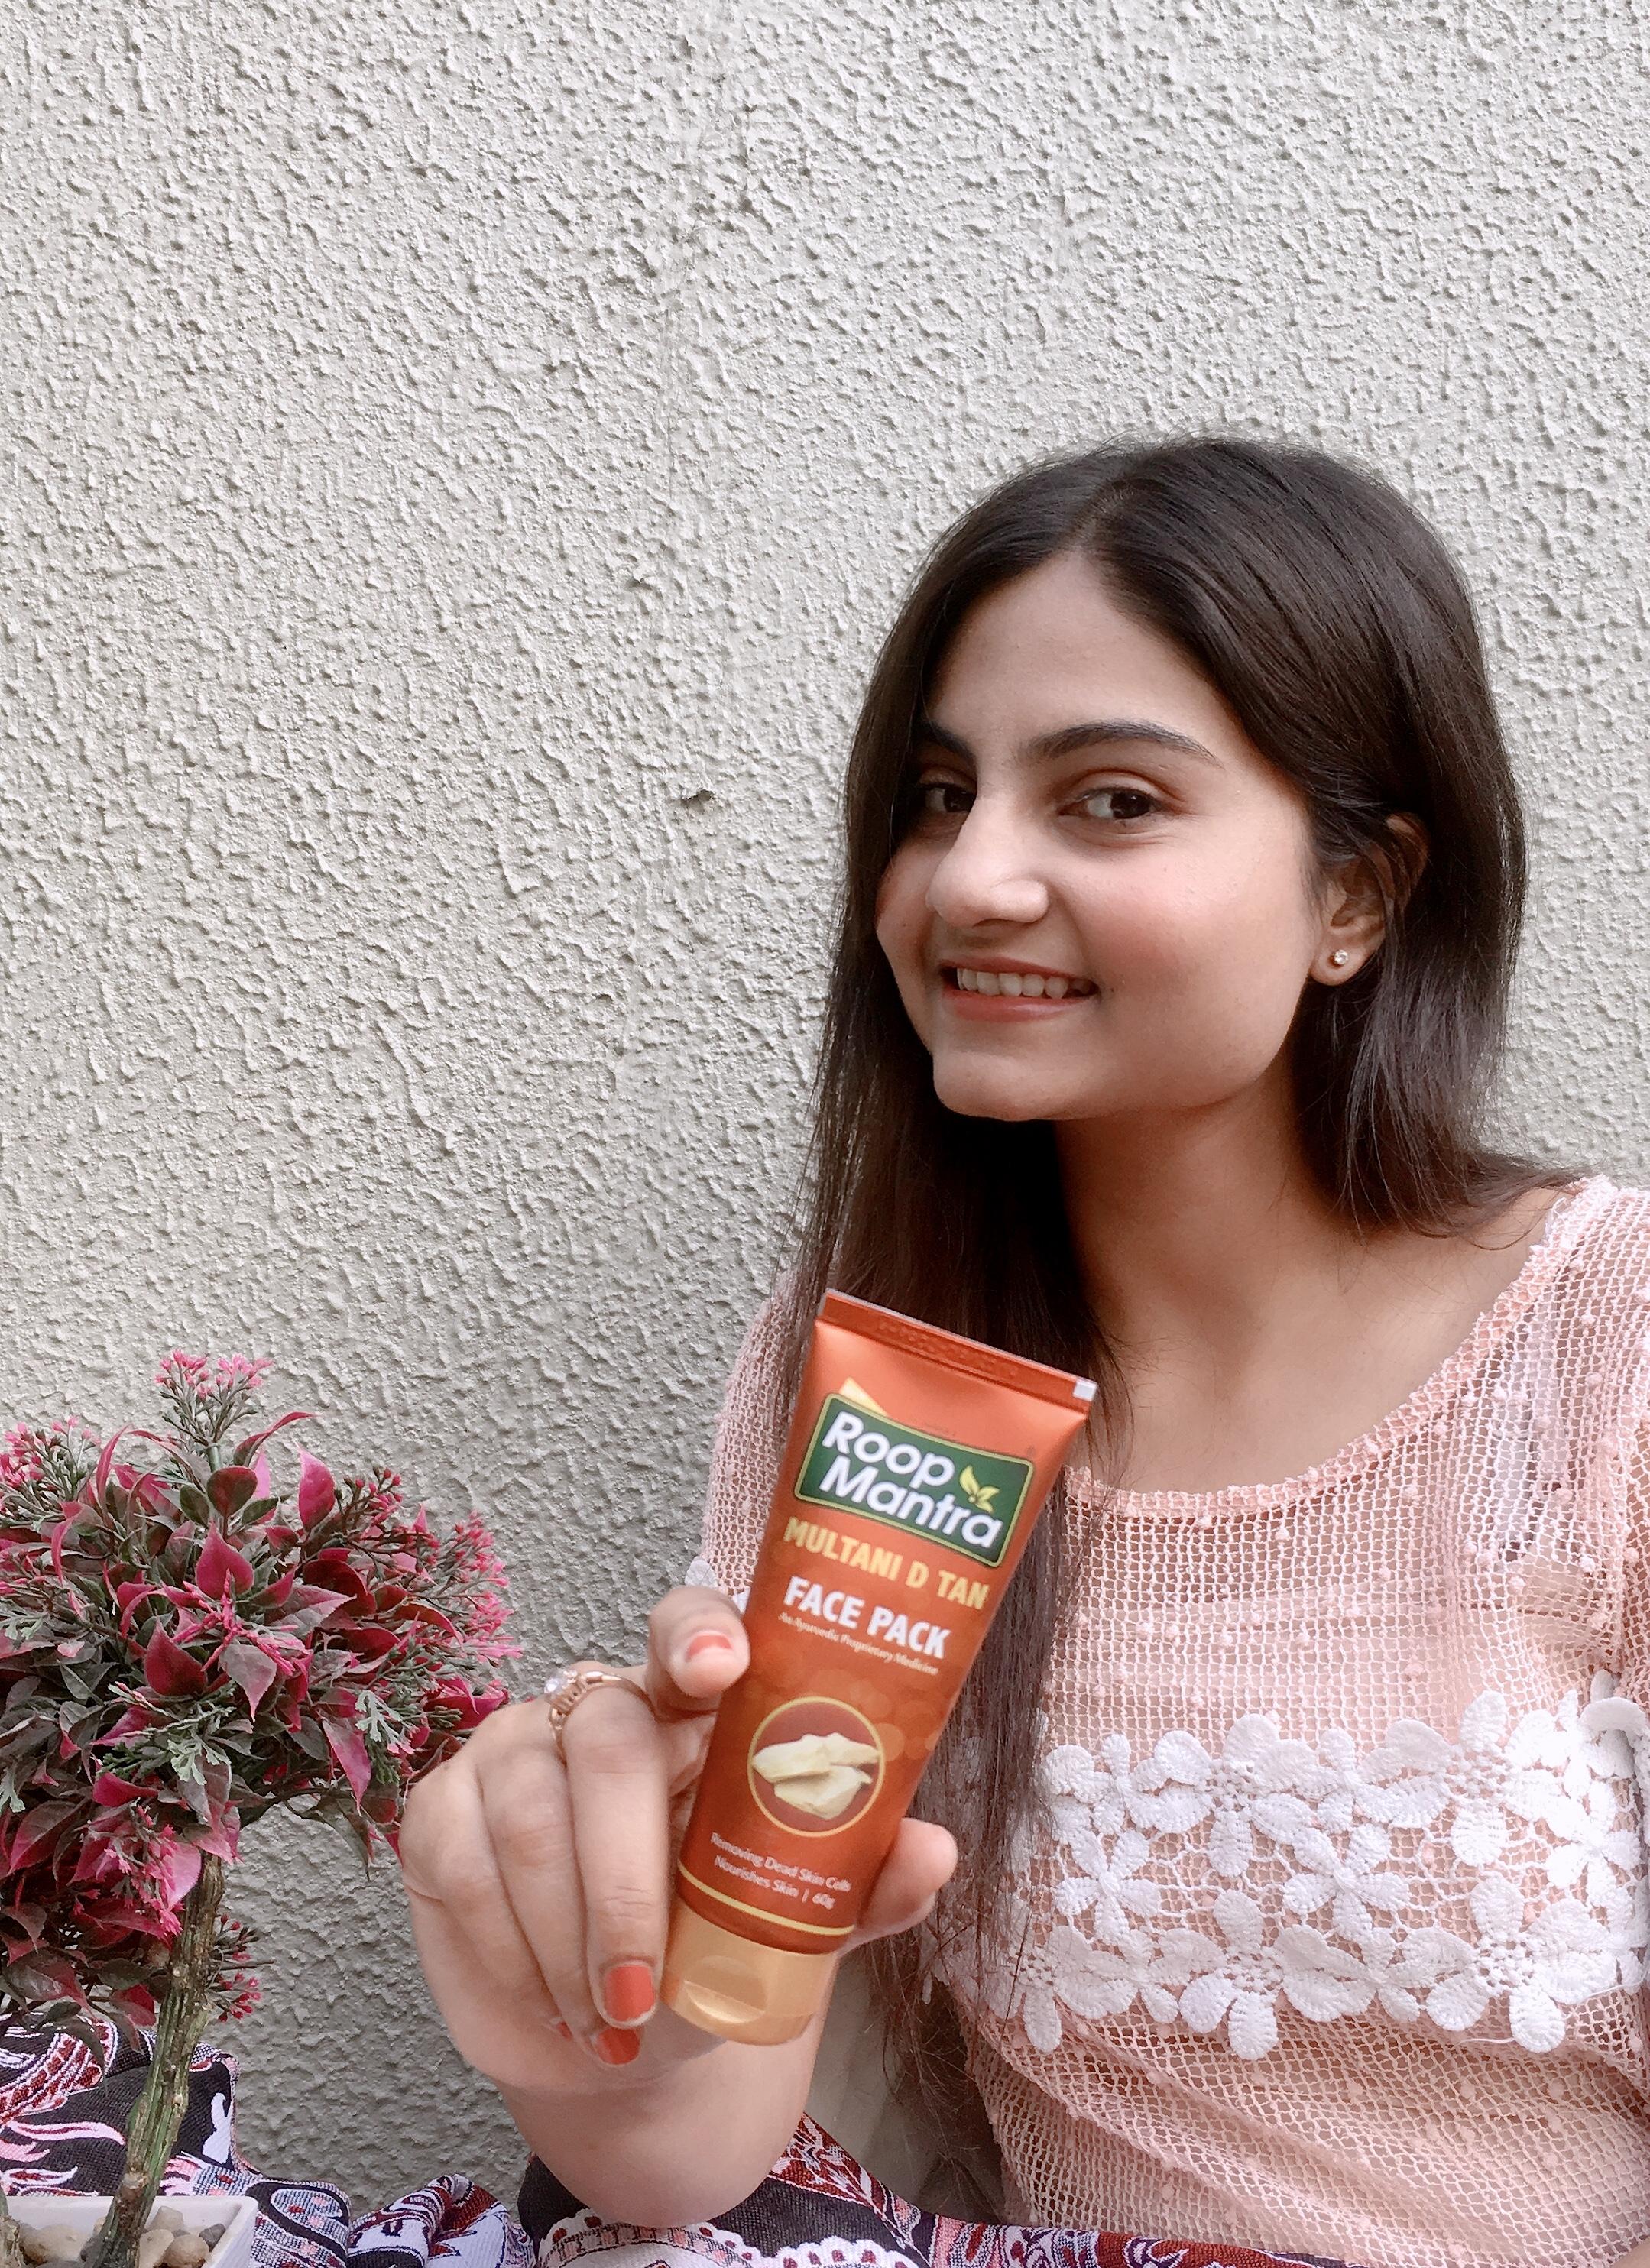 Roop Mantra Multani D Tan Face Pack -Multani D tan face-pack!-By drish